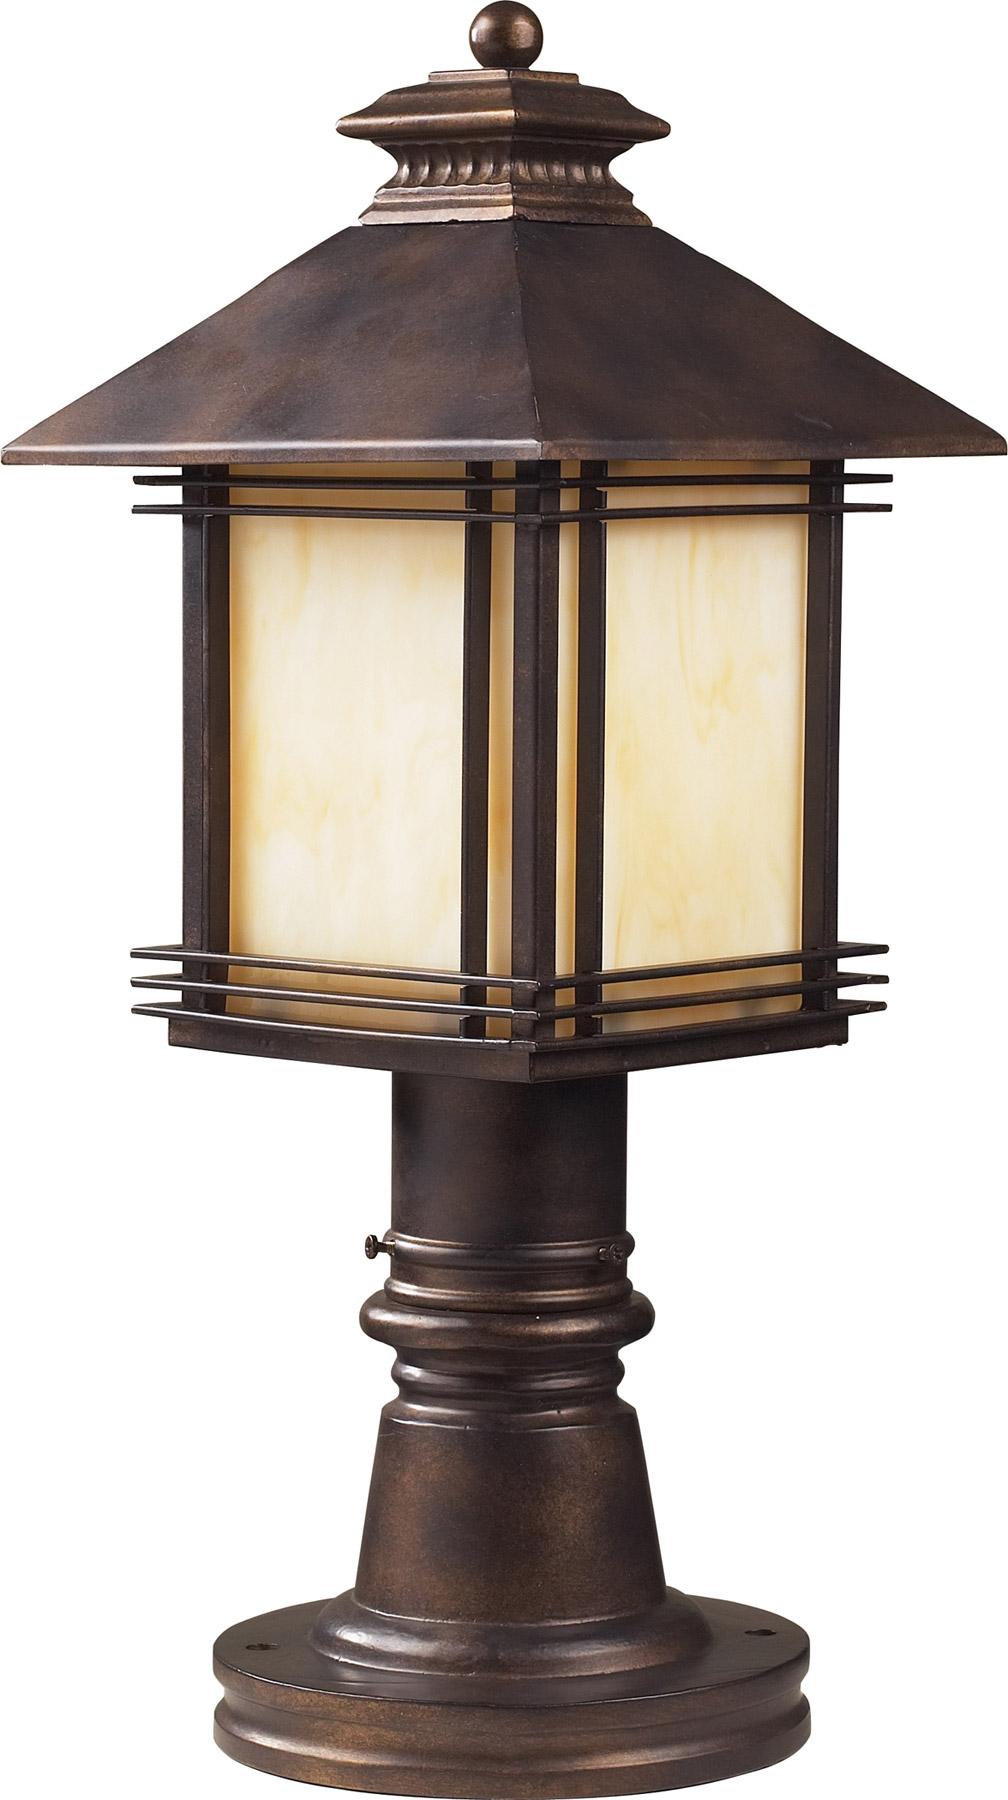 elk lighting 42104 1 blackwell outdoor post mount fixture